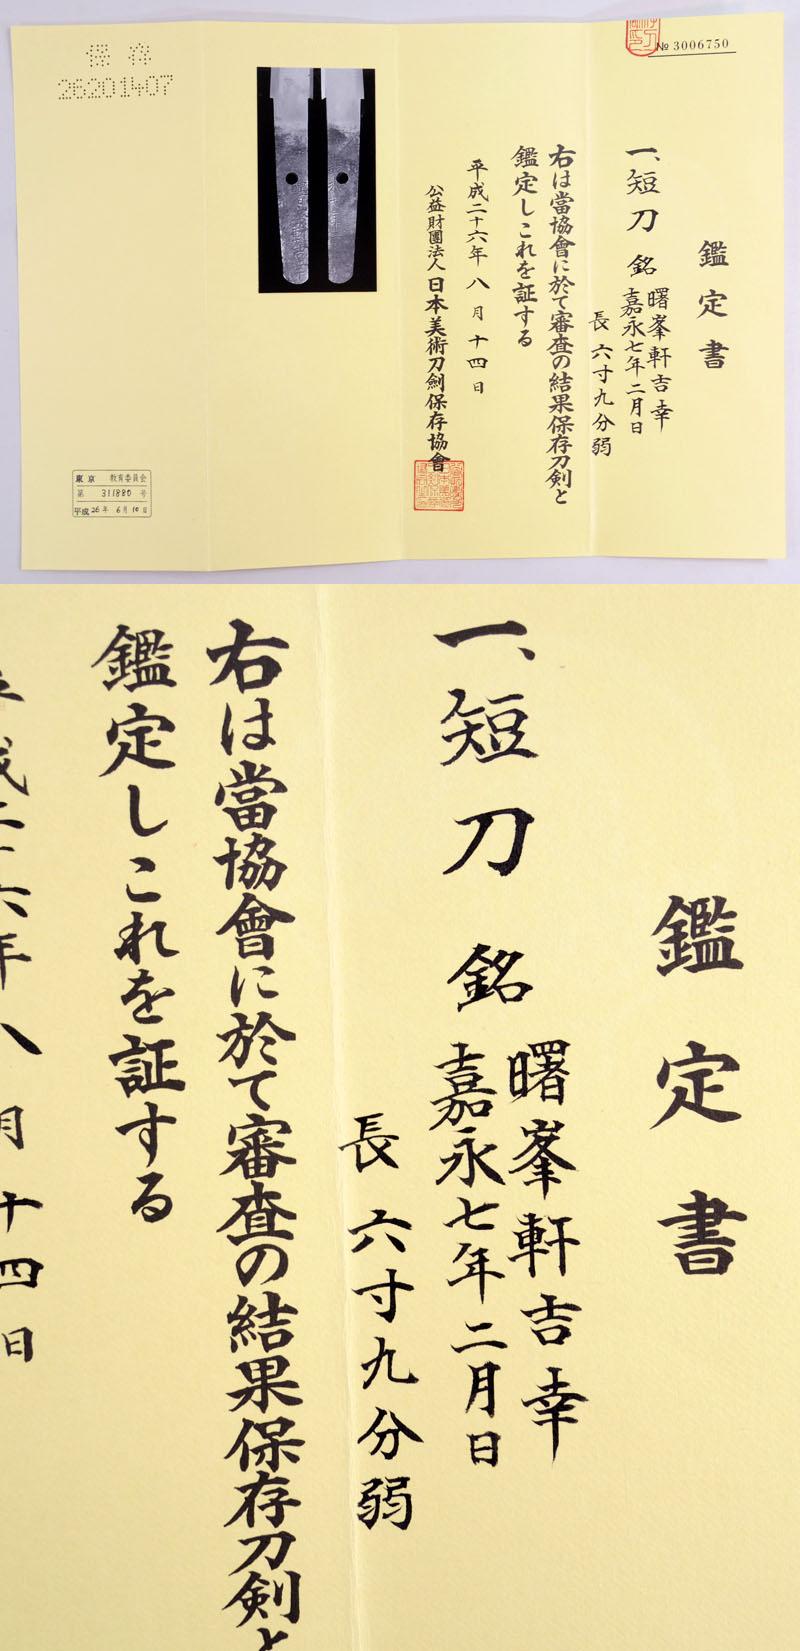 曙峯軒吉幸(出雲藩工) Picture of Certificate